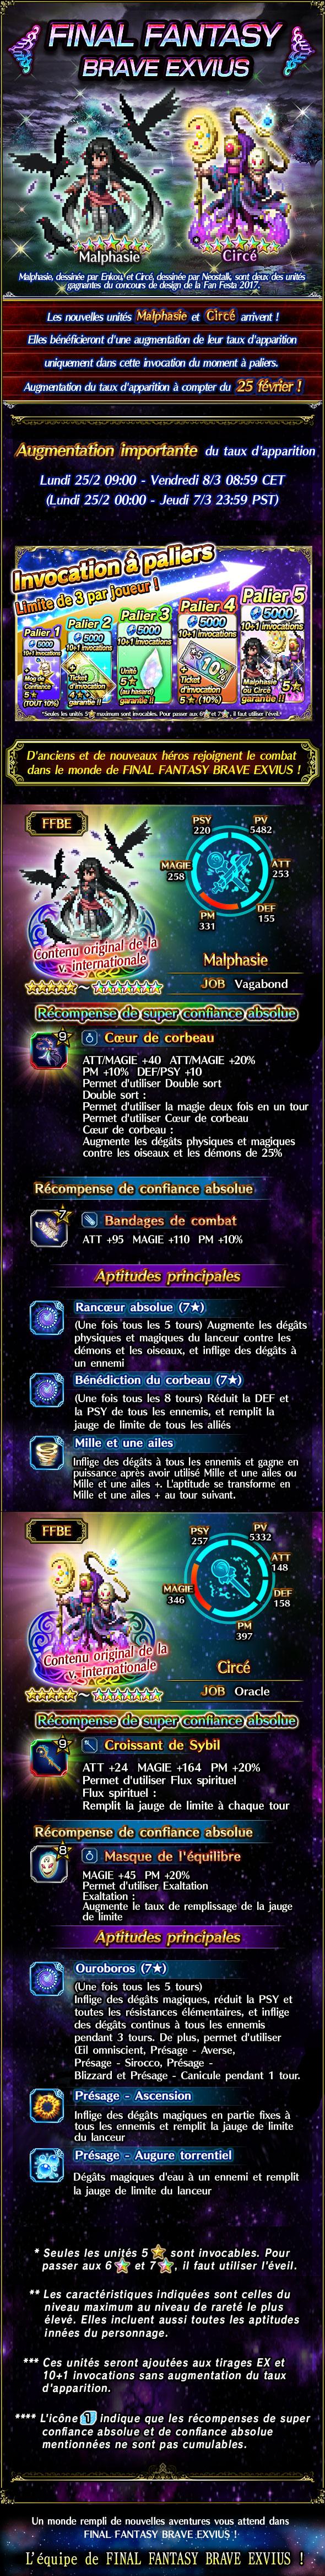 Invocations du moment - FFBE (Malphasie/Circé) - du 25/02 au 08/03/19 FanFestaMalphGachaSummonRerun